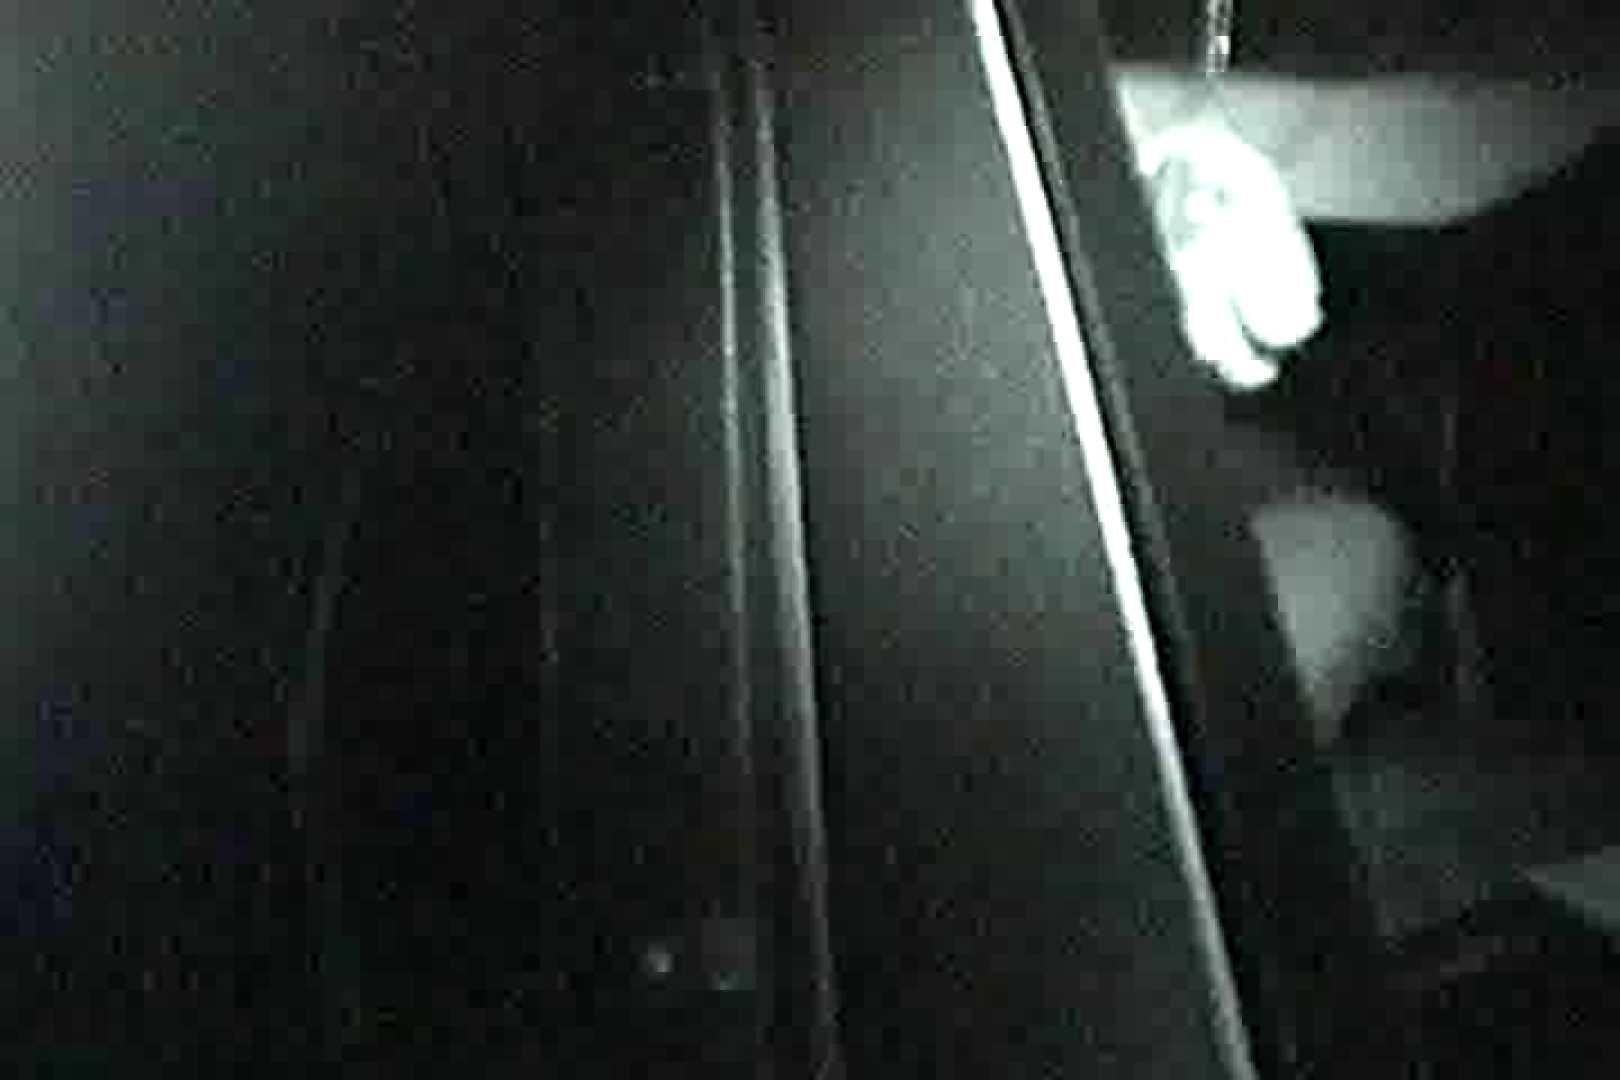 充血監督の深夜の運動会Vol.3 HなOL AV無料 76pic 8